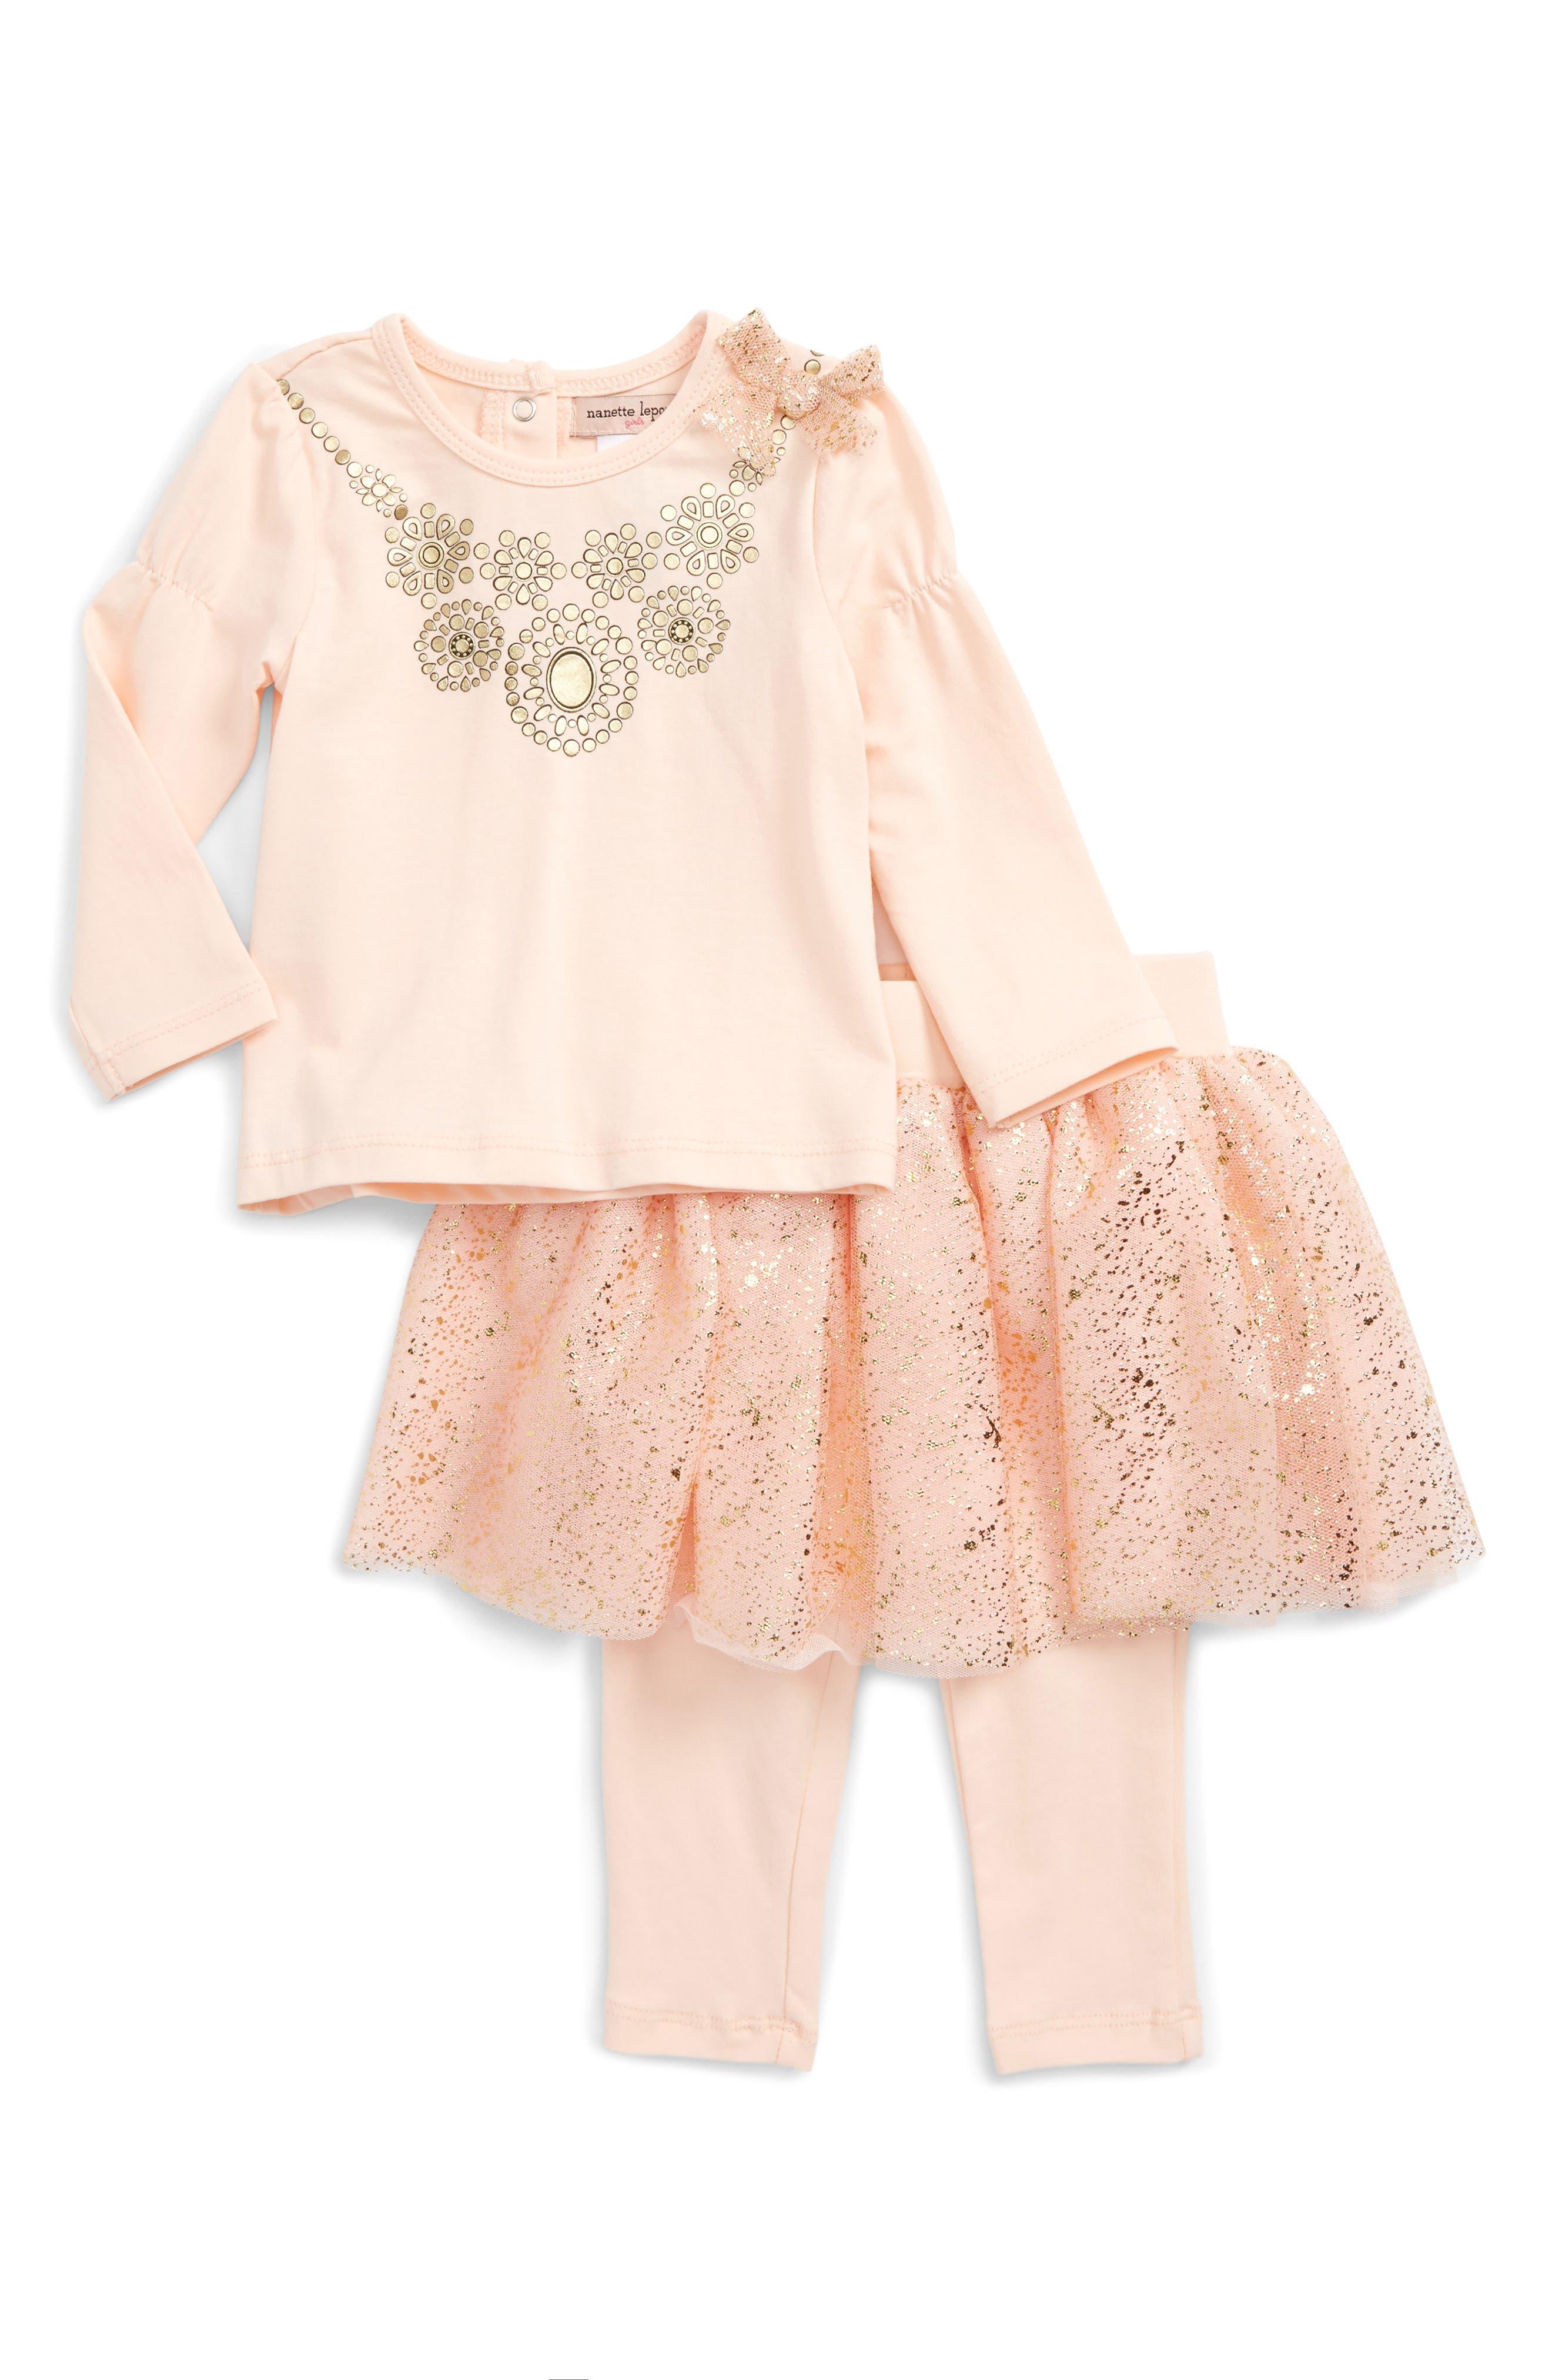 Tee & Skirt Set,                         Main,                         color,